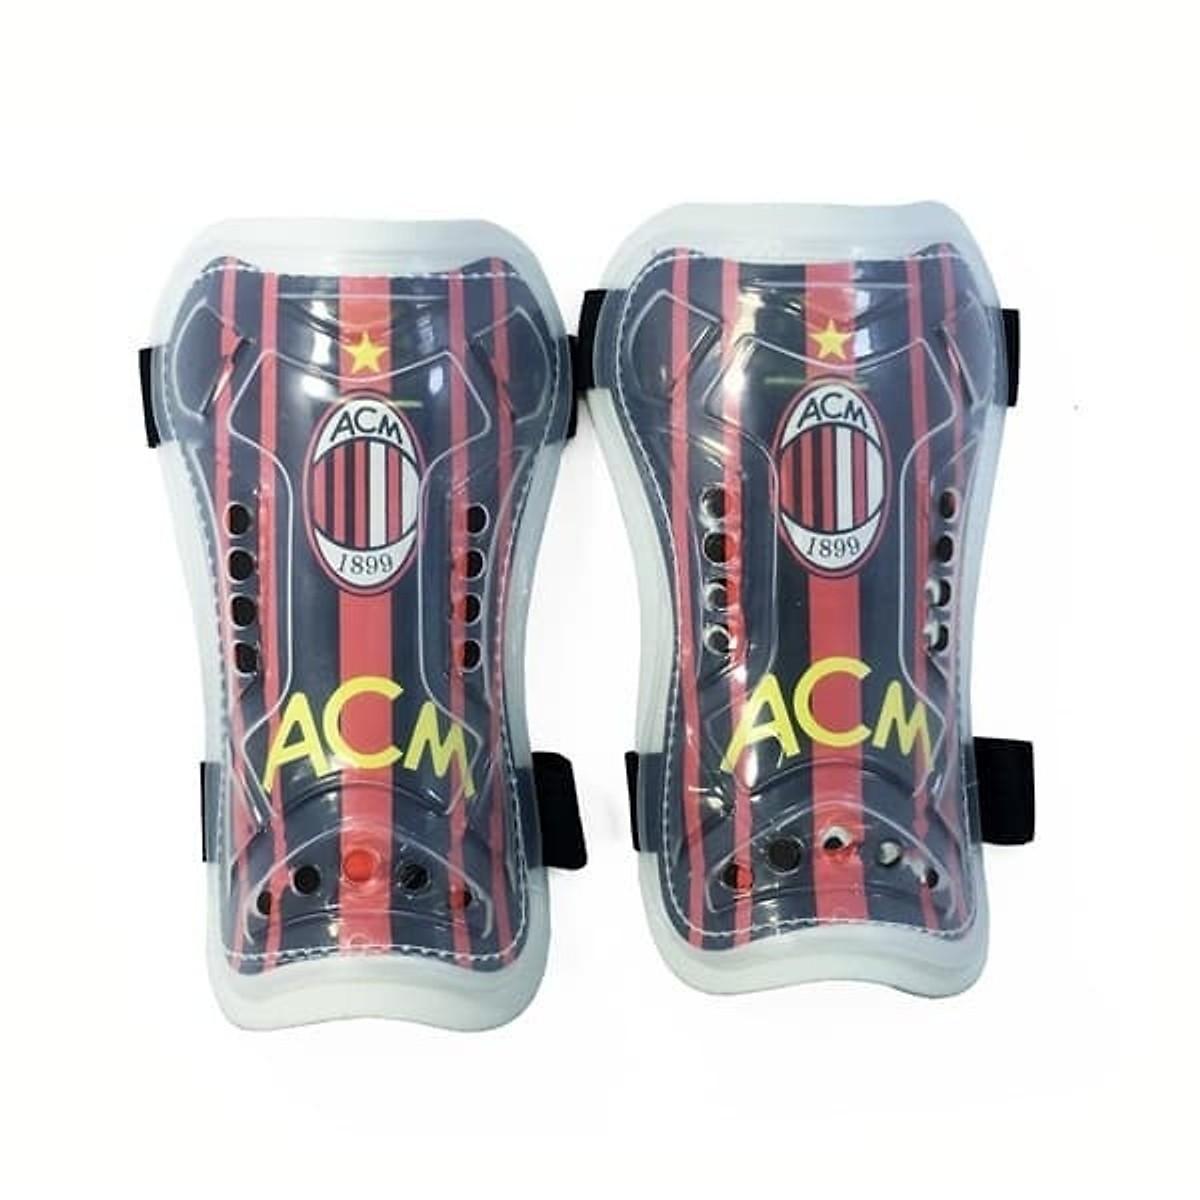 Nẹp bảo vệ ống đồng bóng đá các CLB - Giao mẫu mẫu nhiên (Free size)